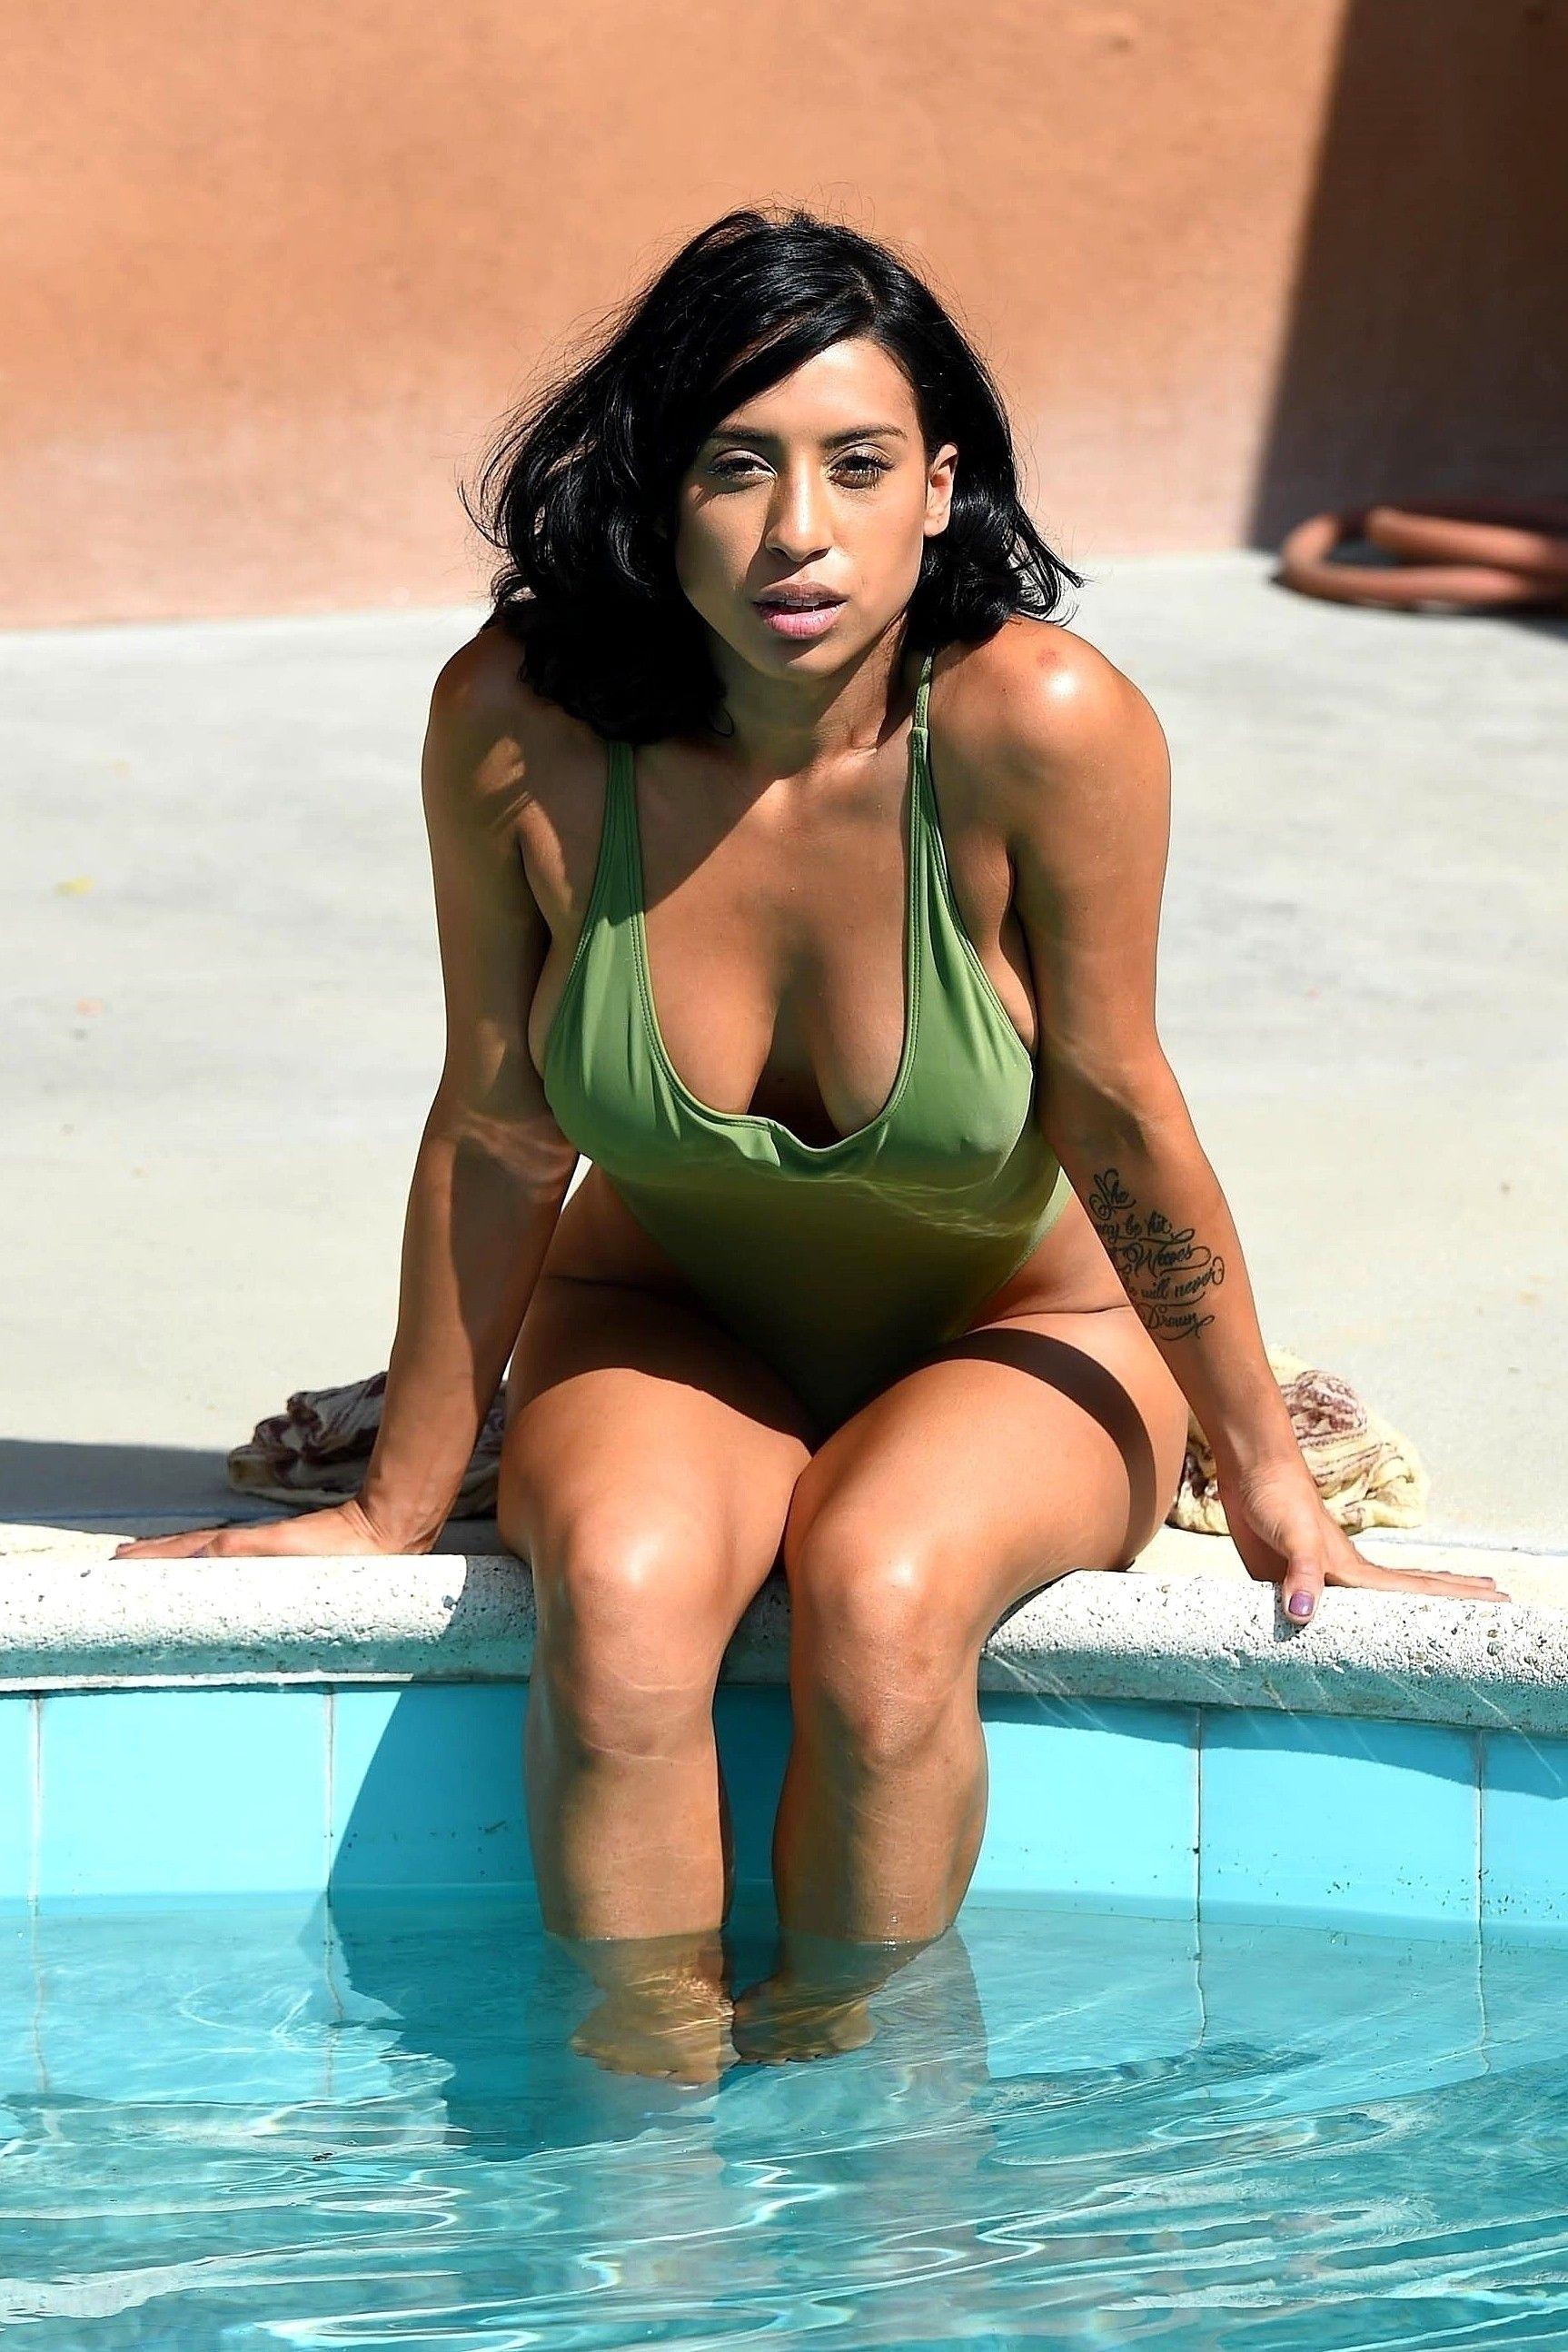 Erotica Montia Sabbag nudes (78 photos), Ass, Cleavage, Feet, in bikini 2015